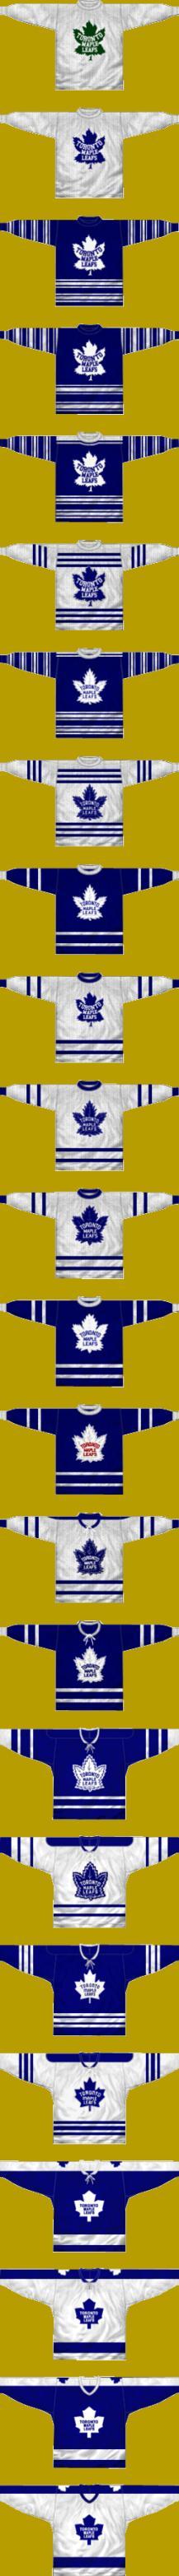 chl hockey logo